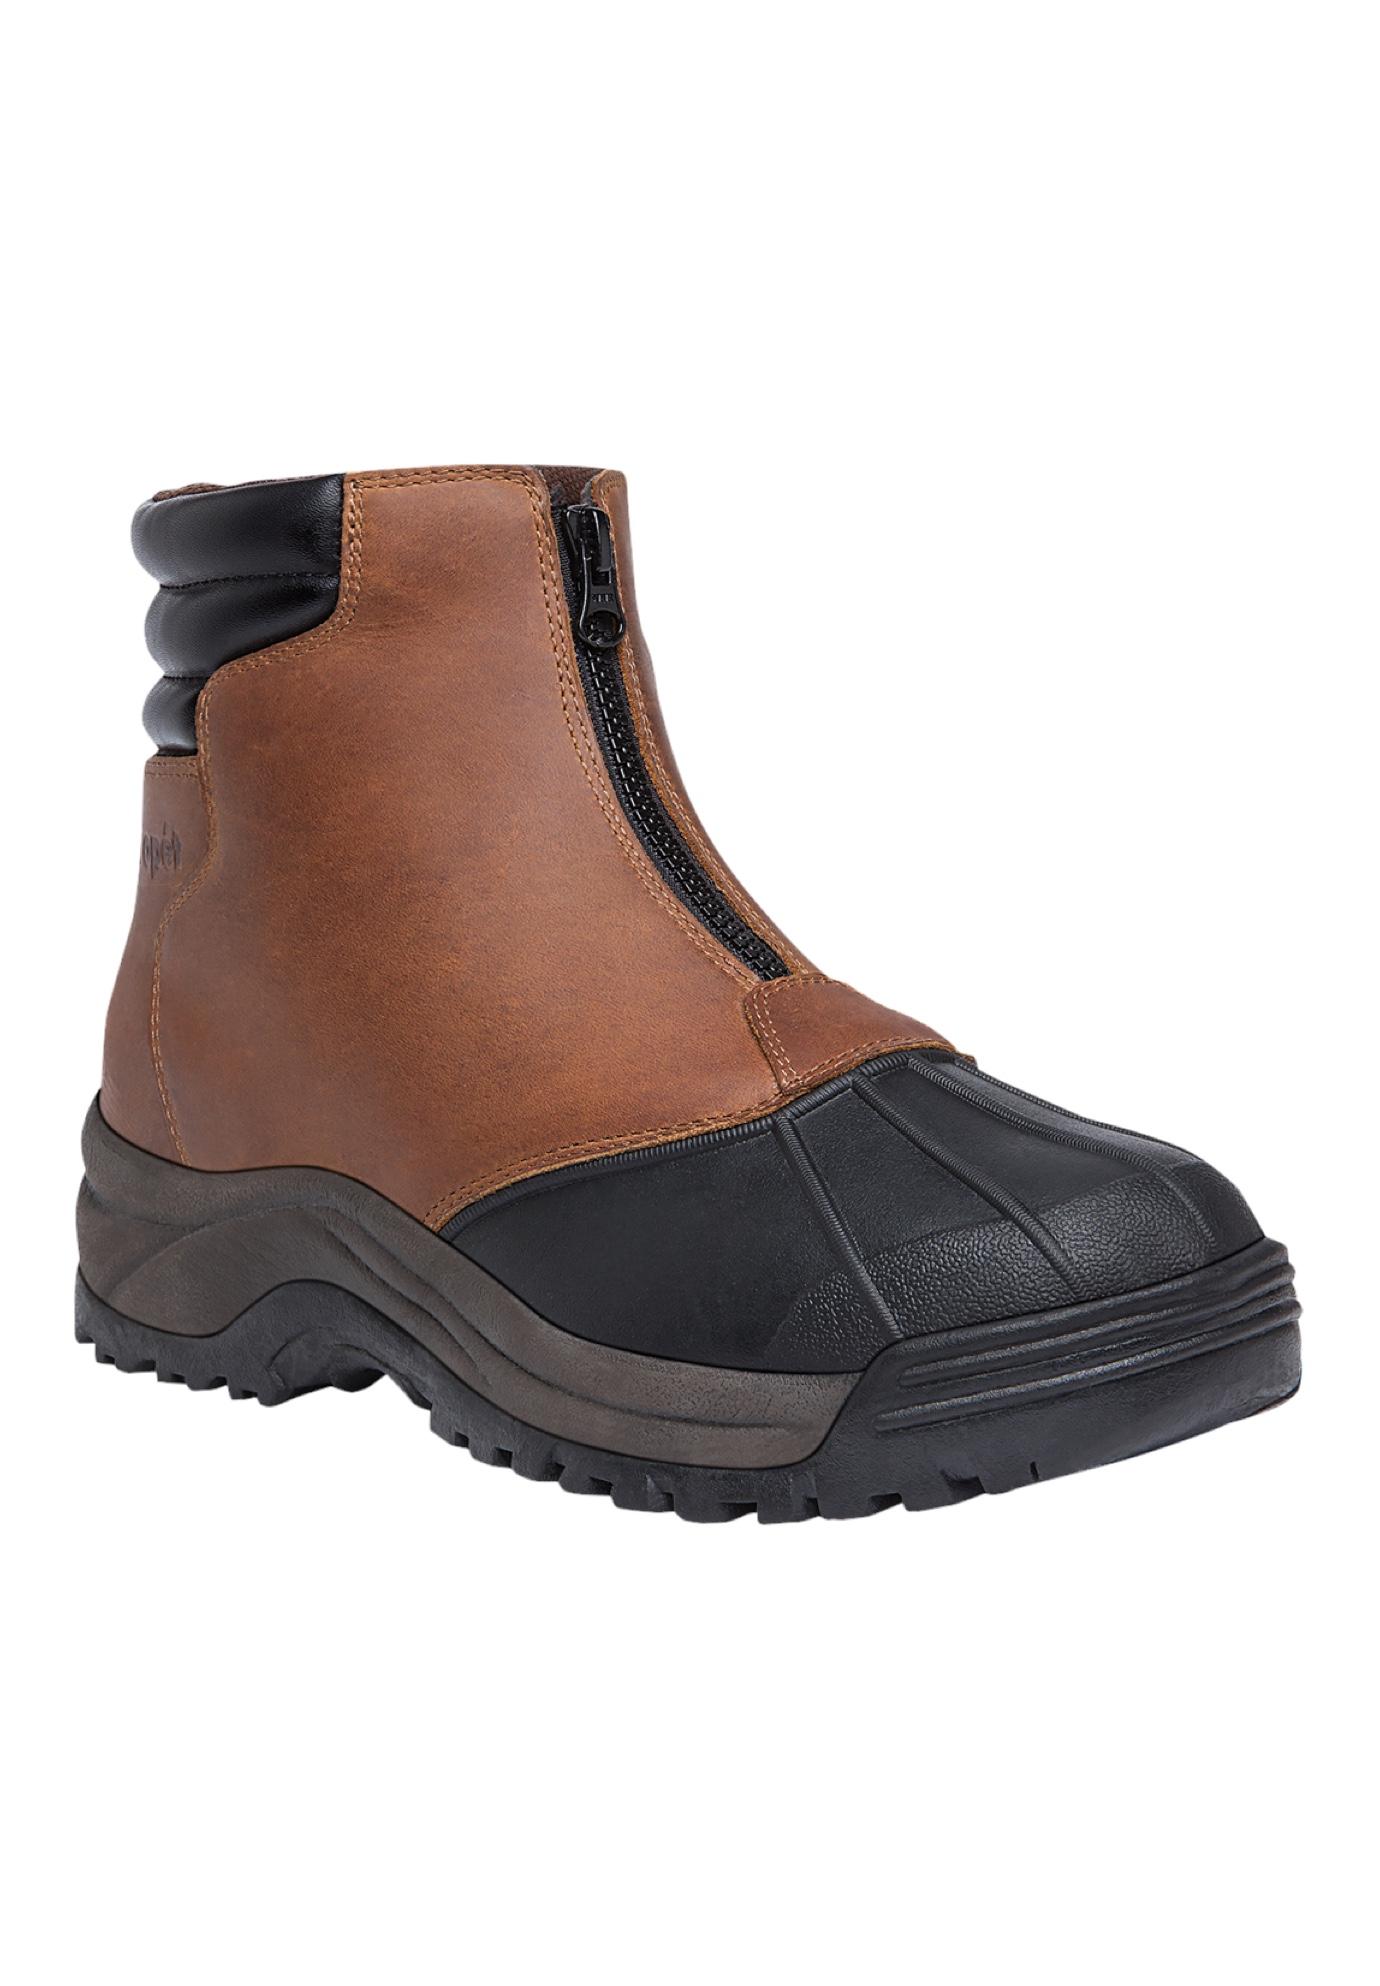 Propet Shoes : Apparel - Walmart.com